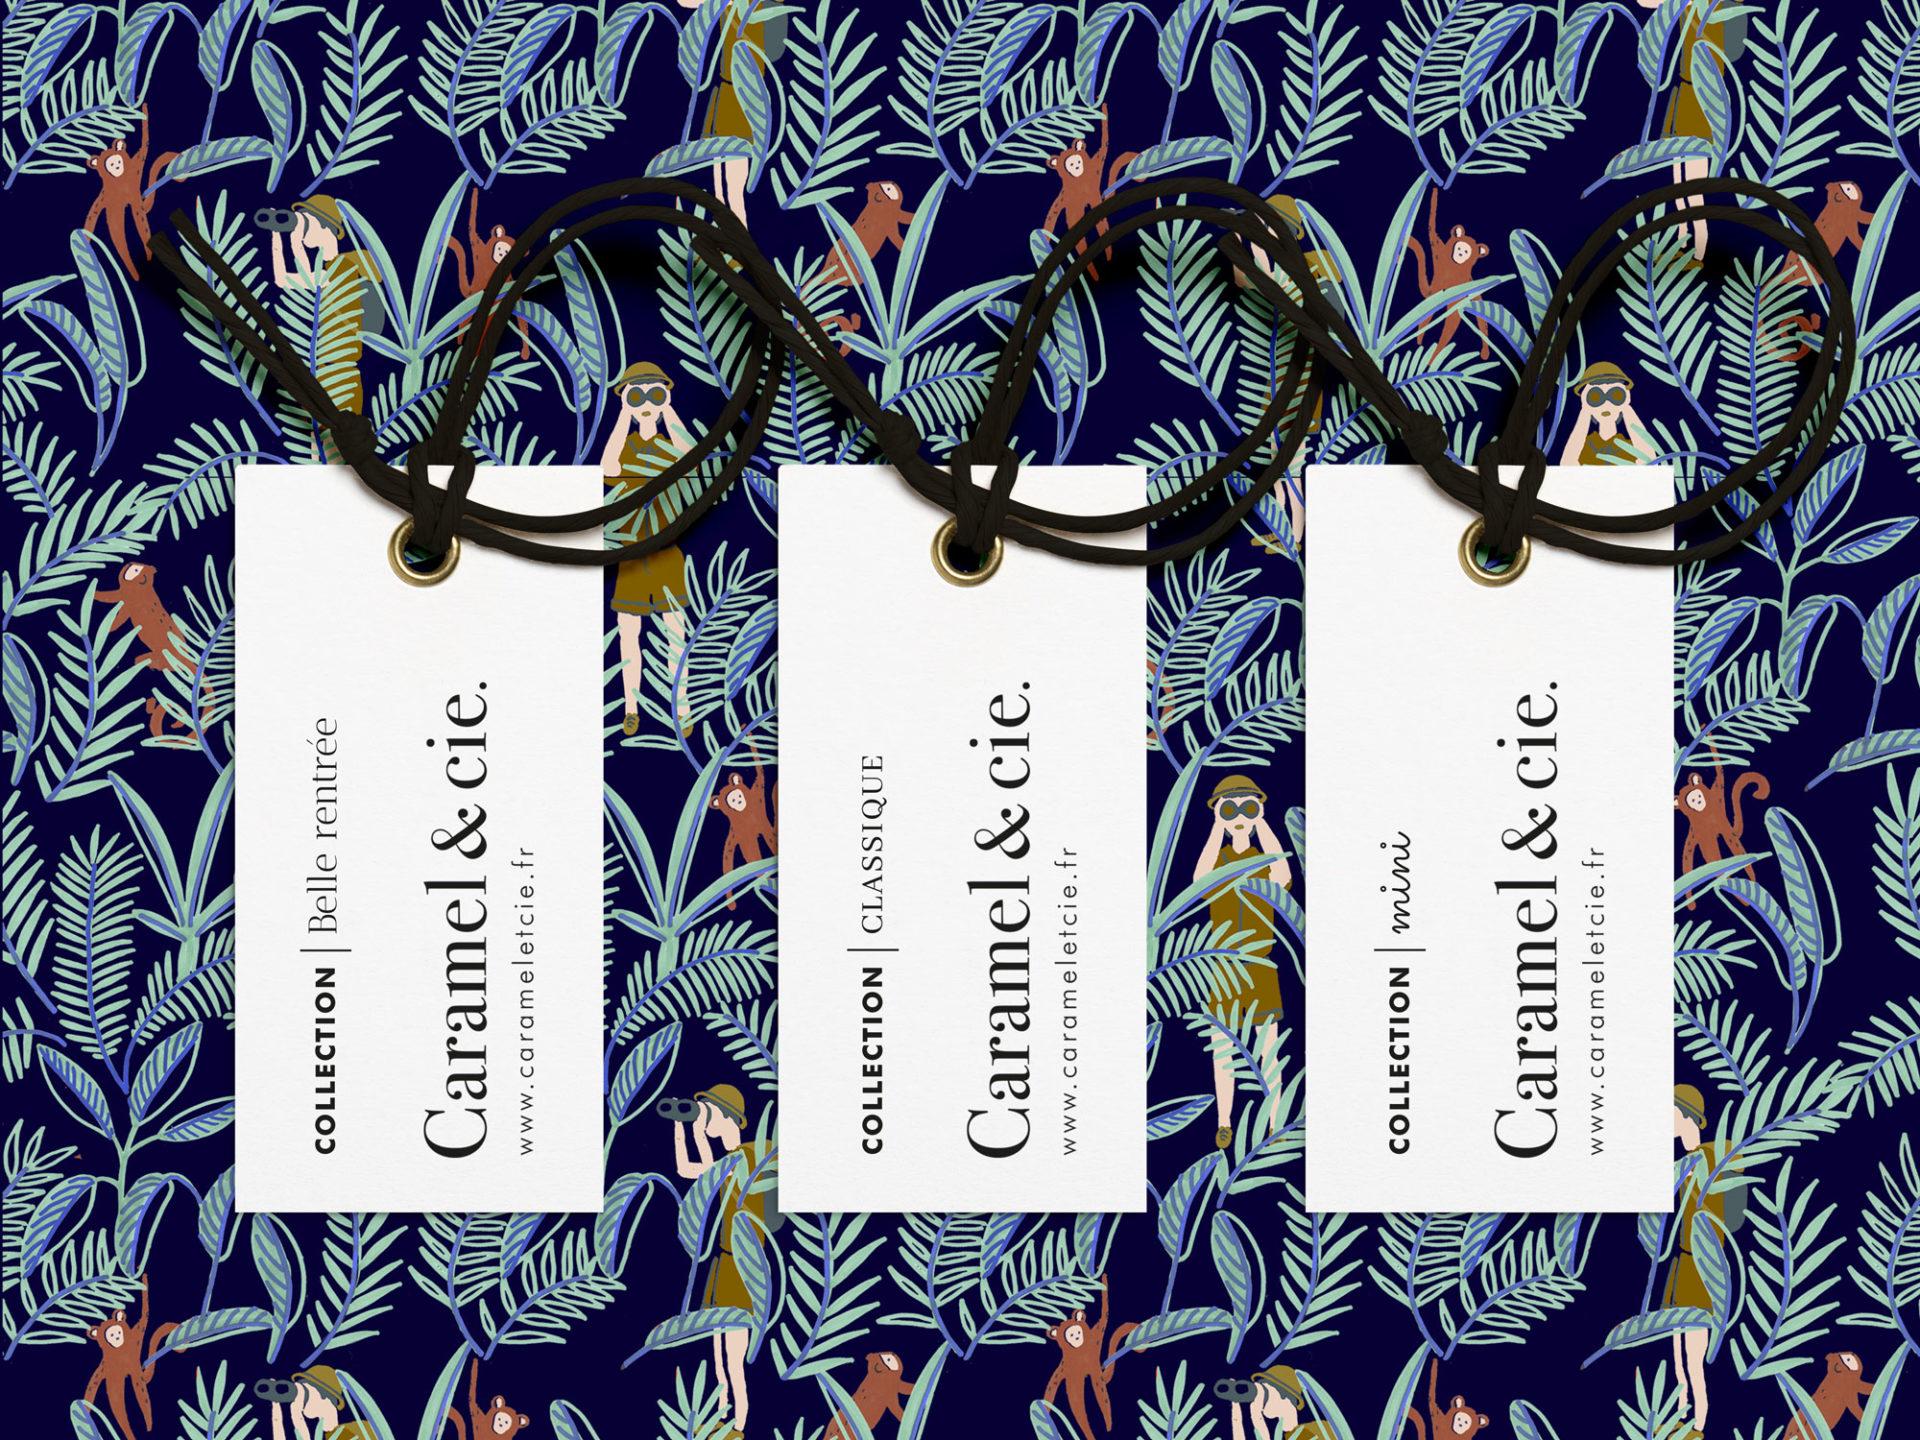 Caramel & cie. étiquettes